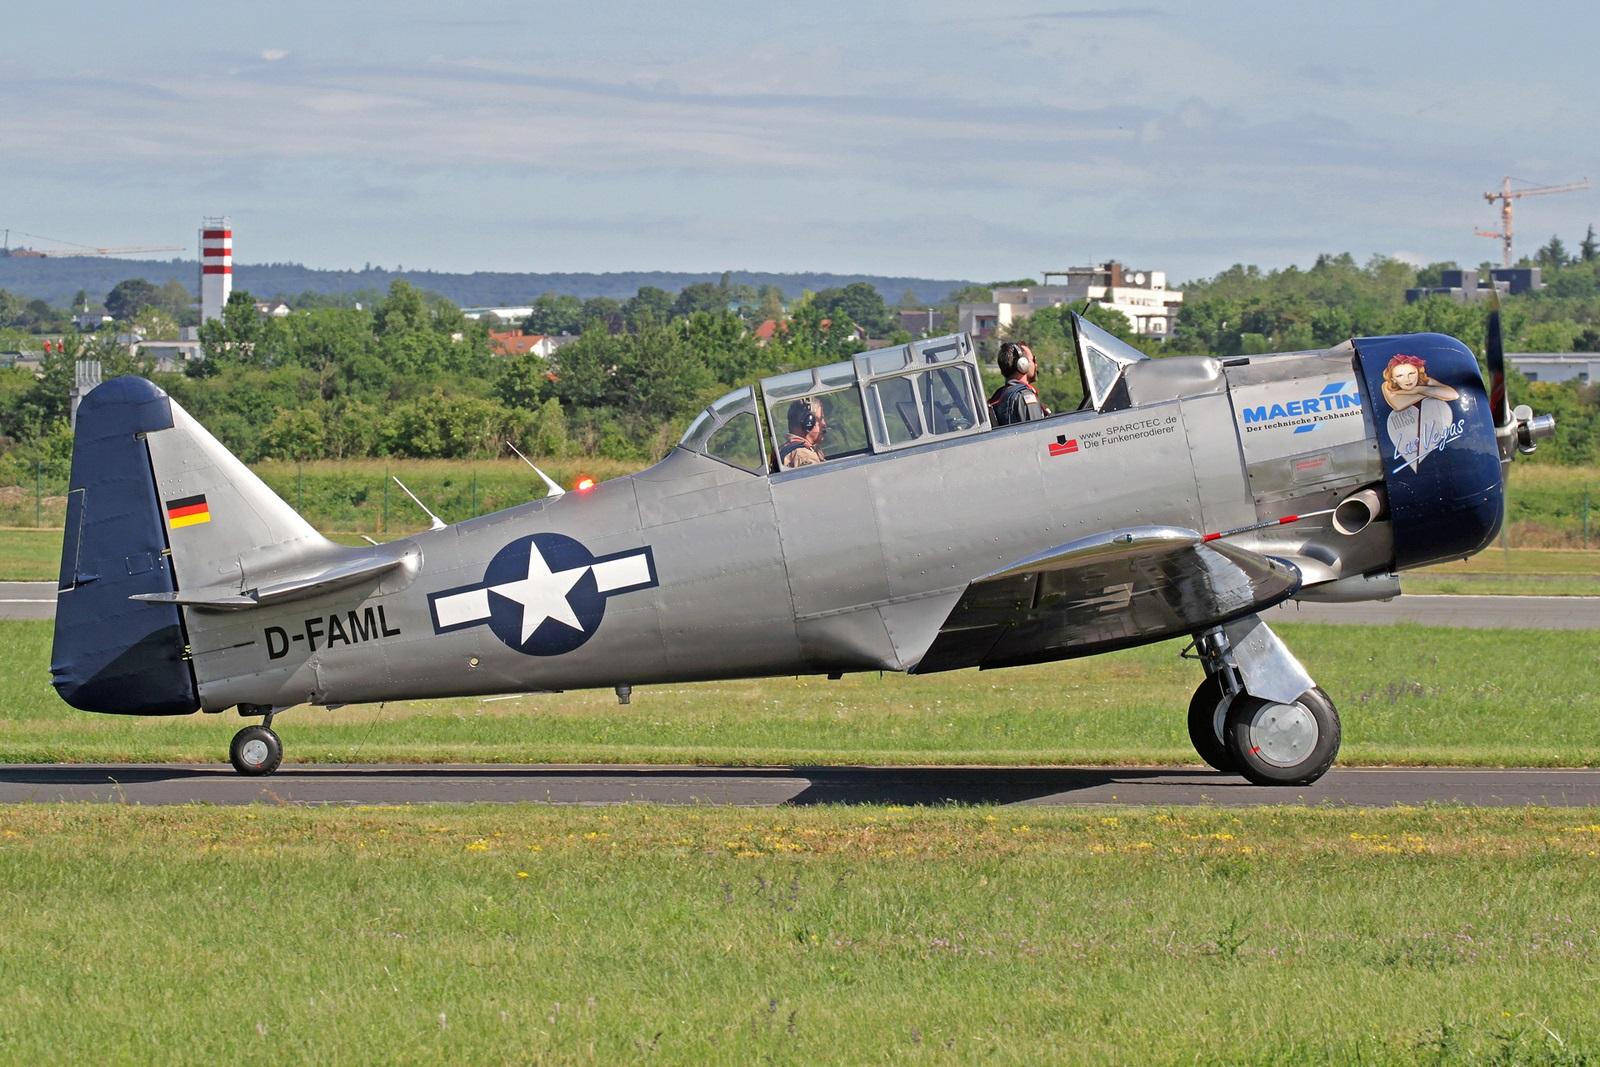 """D-FAML - Diese North American AT-6D Texan wurde 1942 mit der Kennung 42-85245 an die United States Army Air Force ausgeliefert. Im Jahre 2006 kam sie nach Deutschland und ist hier als D-FAML registriert, außerdem erhielt sie den Namen """"Miss Las Vegas""""."""